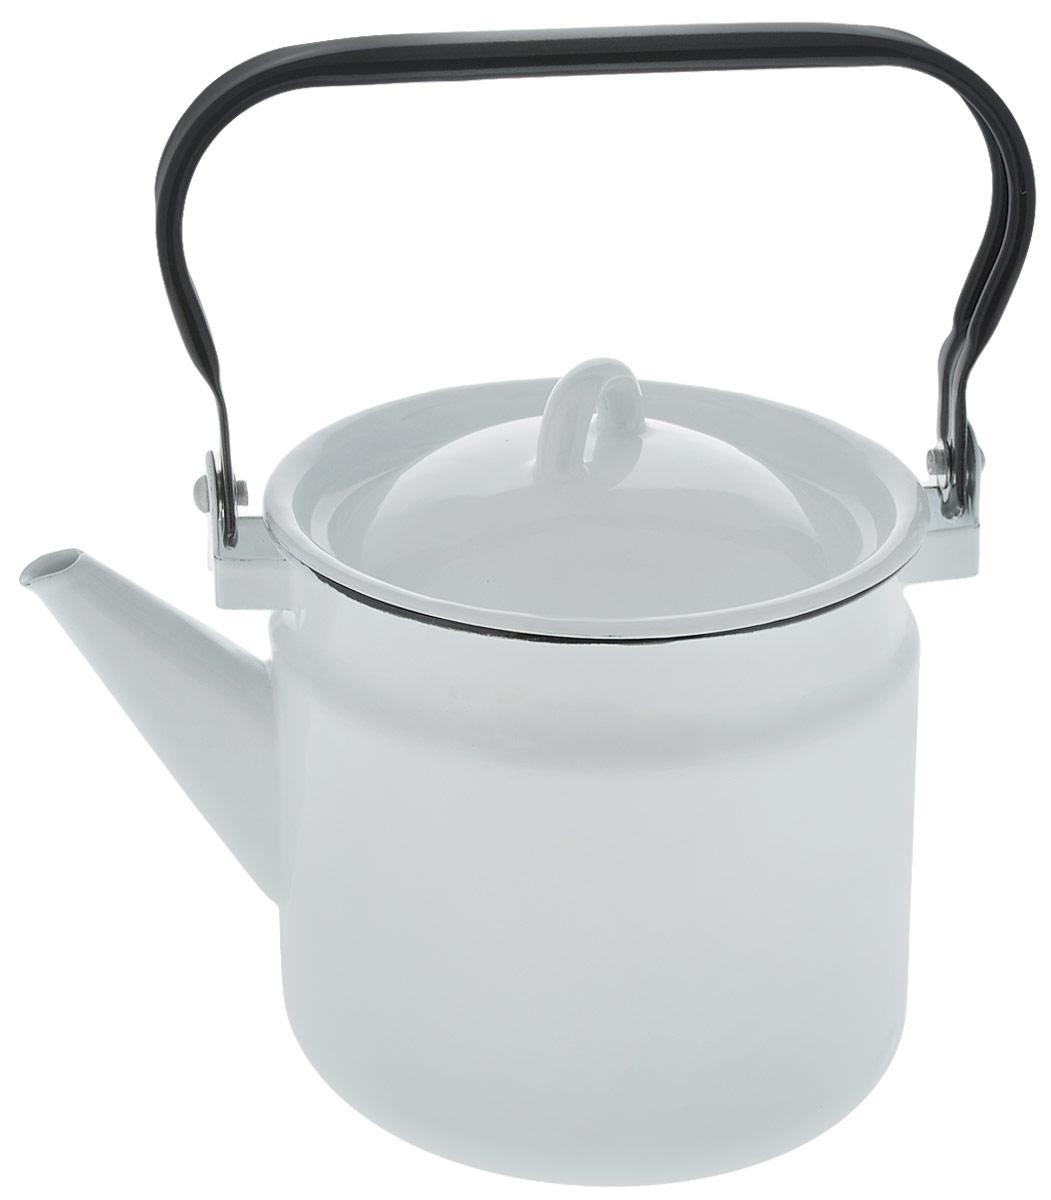 Чайник  СтальЭмаль , цвет: белый, 2 л. 2с25 - Посуда для приготовления